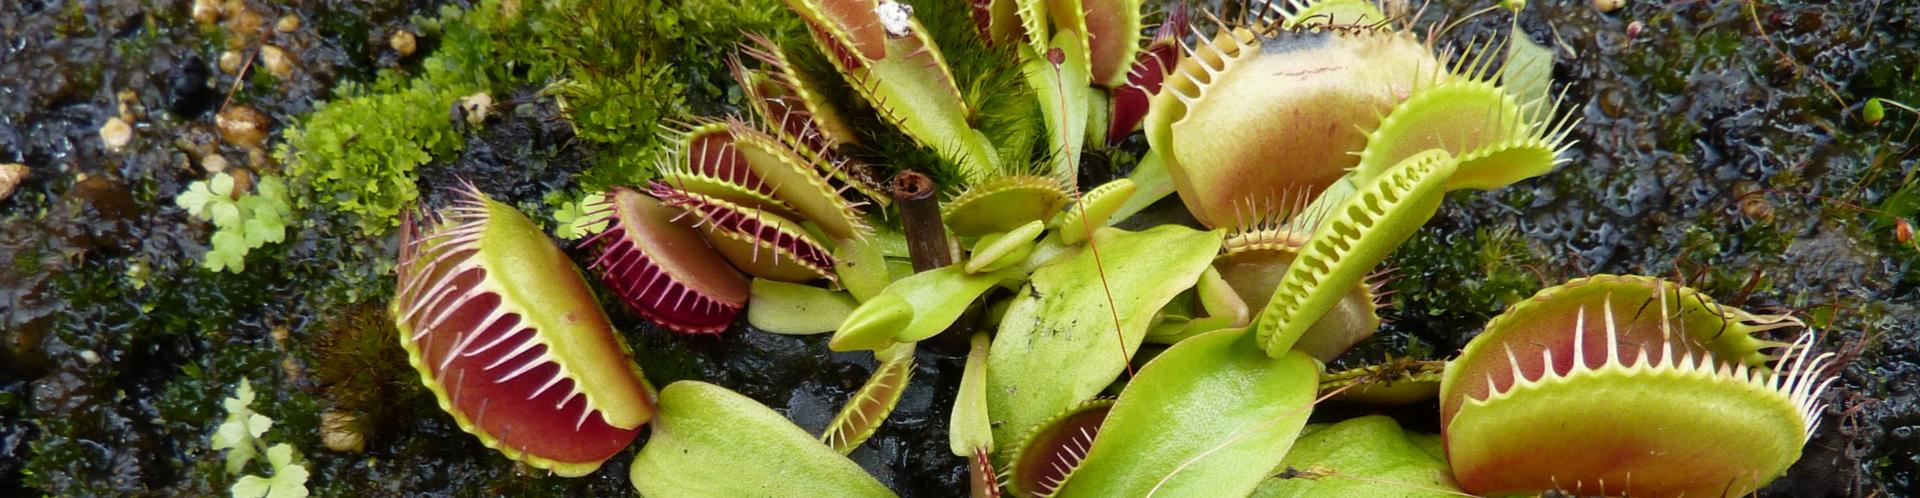 Fleischfressende Pflanze Kaufen-Slider-1